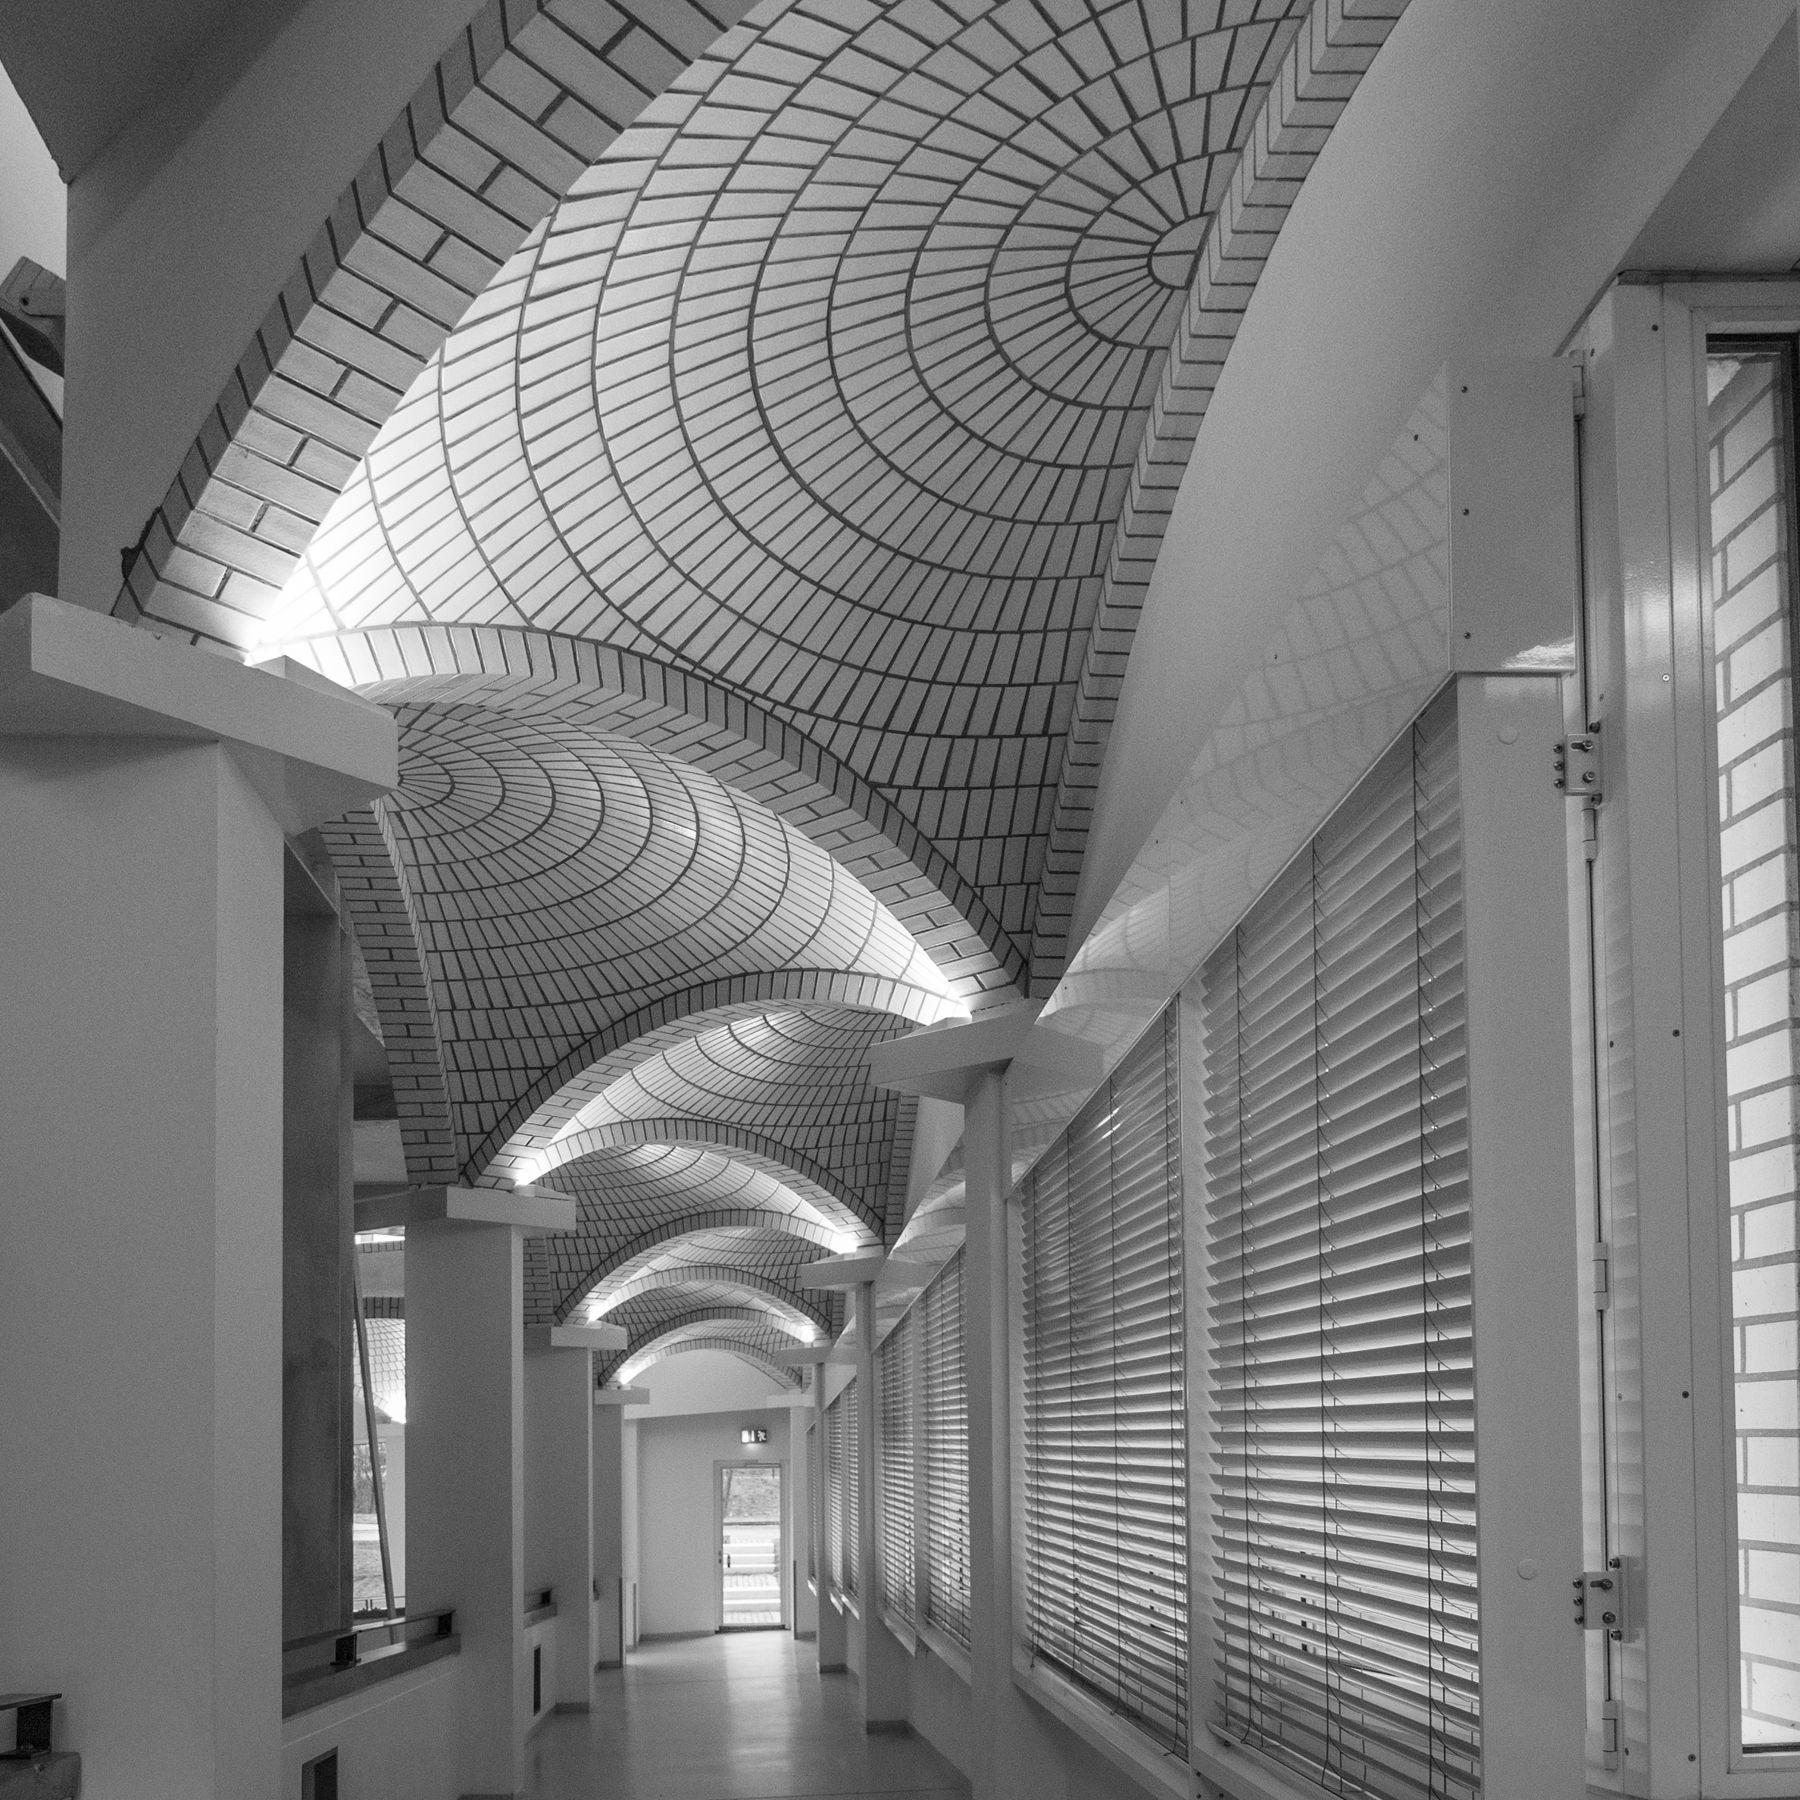 Architekten In Mannheim technoseum mannheim architektur